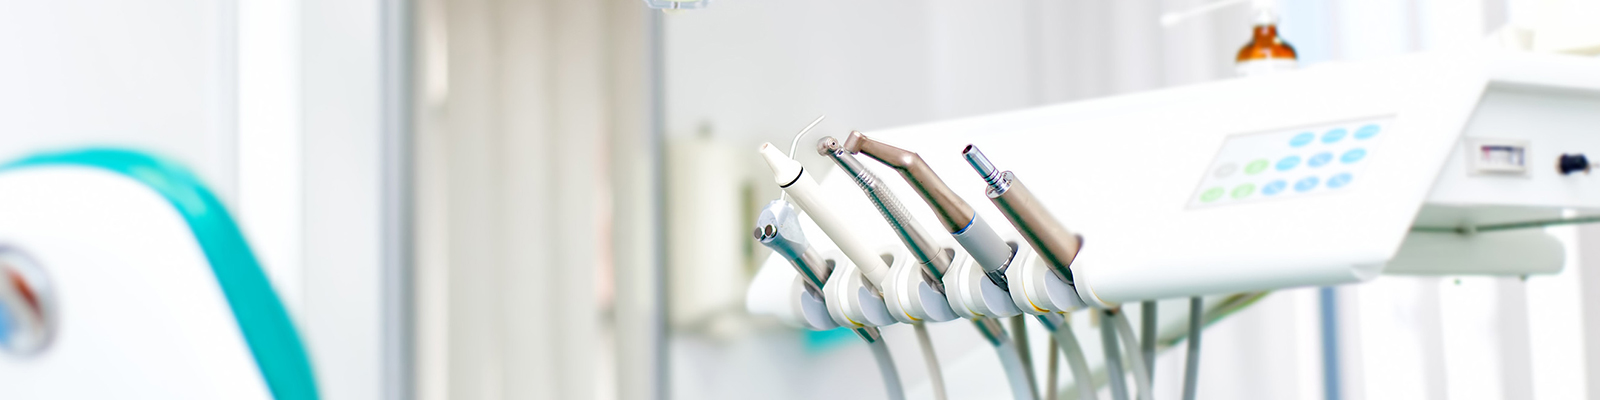 大阪市東住吉区で一般・審美・矯正・インプラント治療を行っている歯医者 森本歯科医院